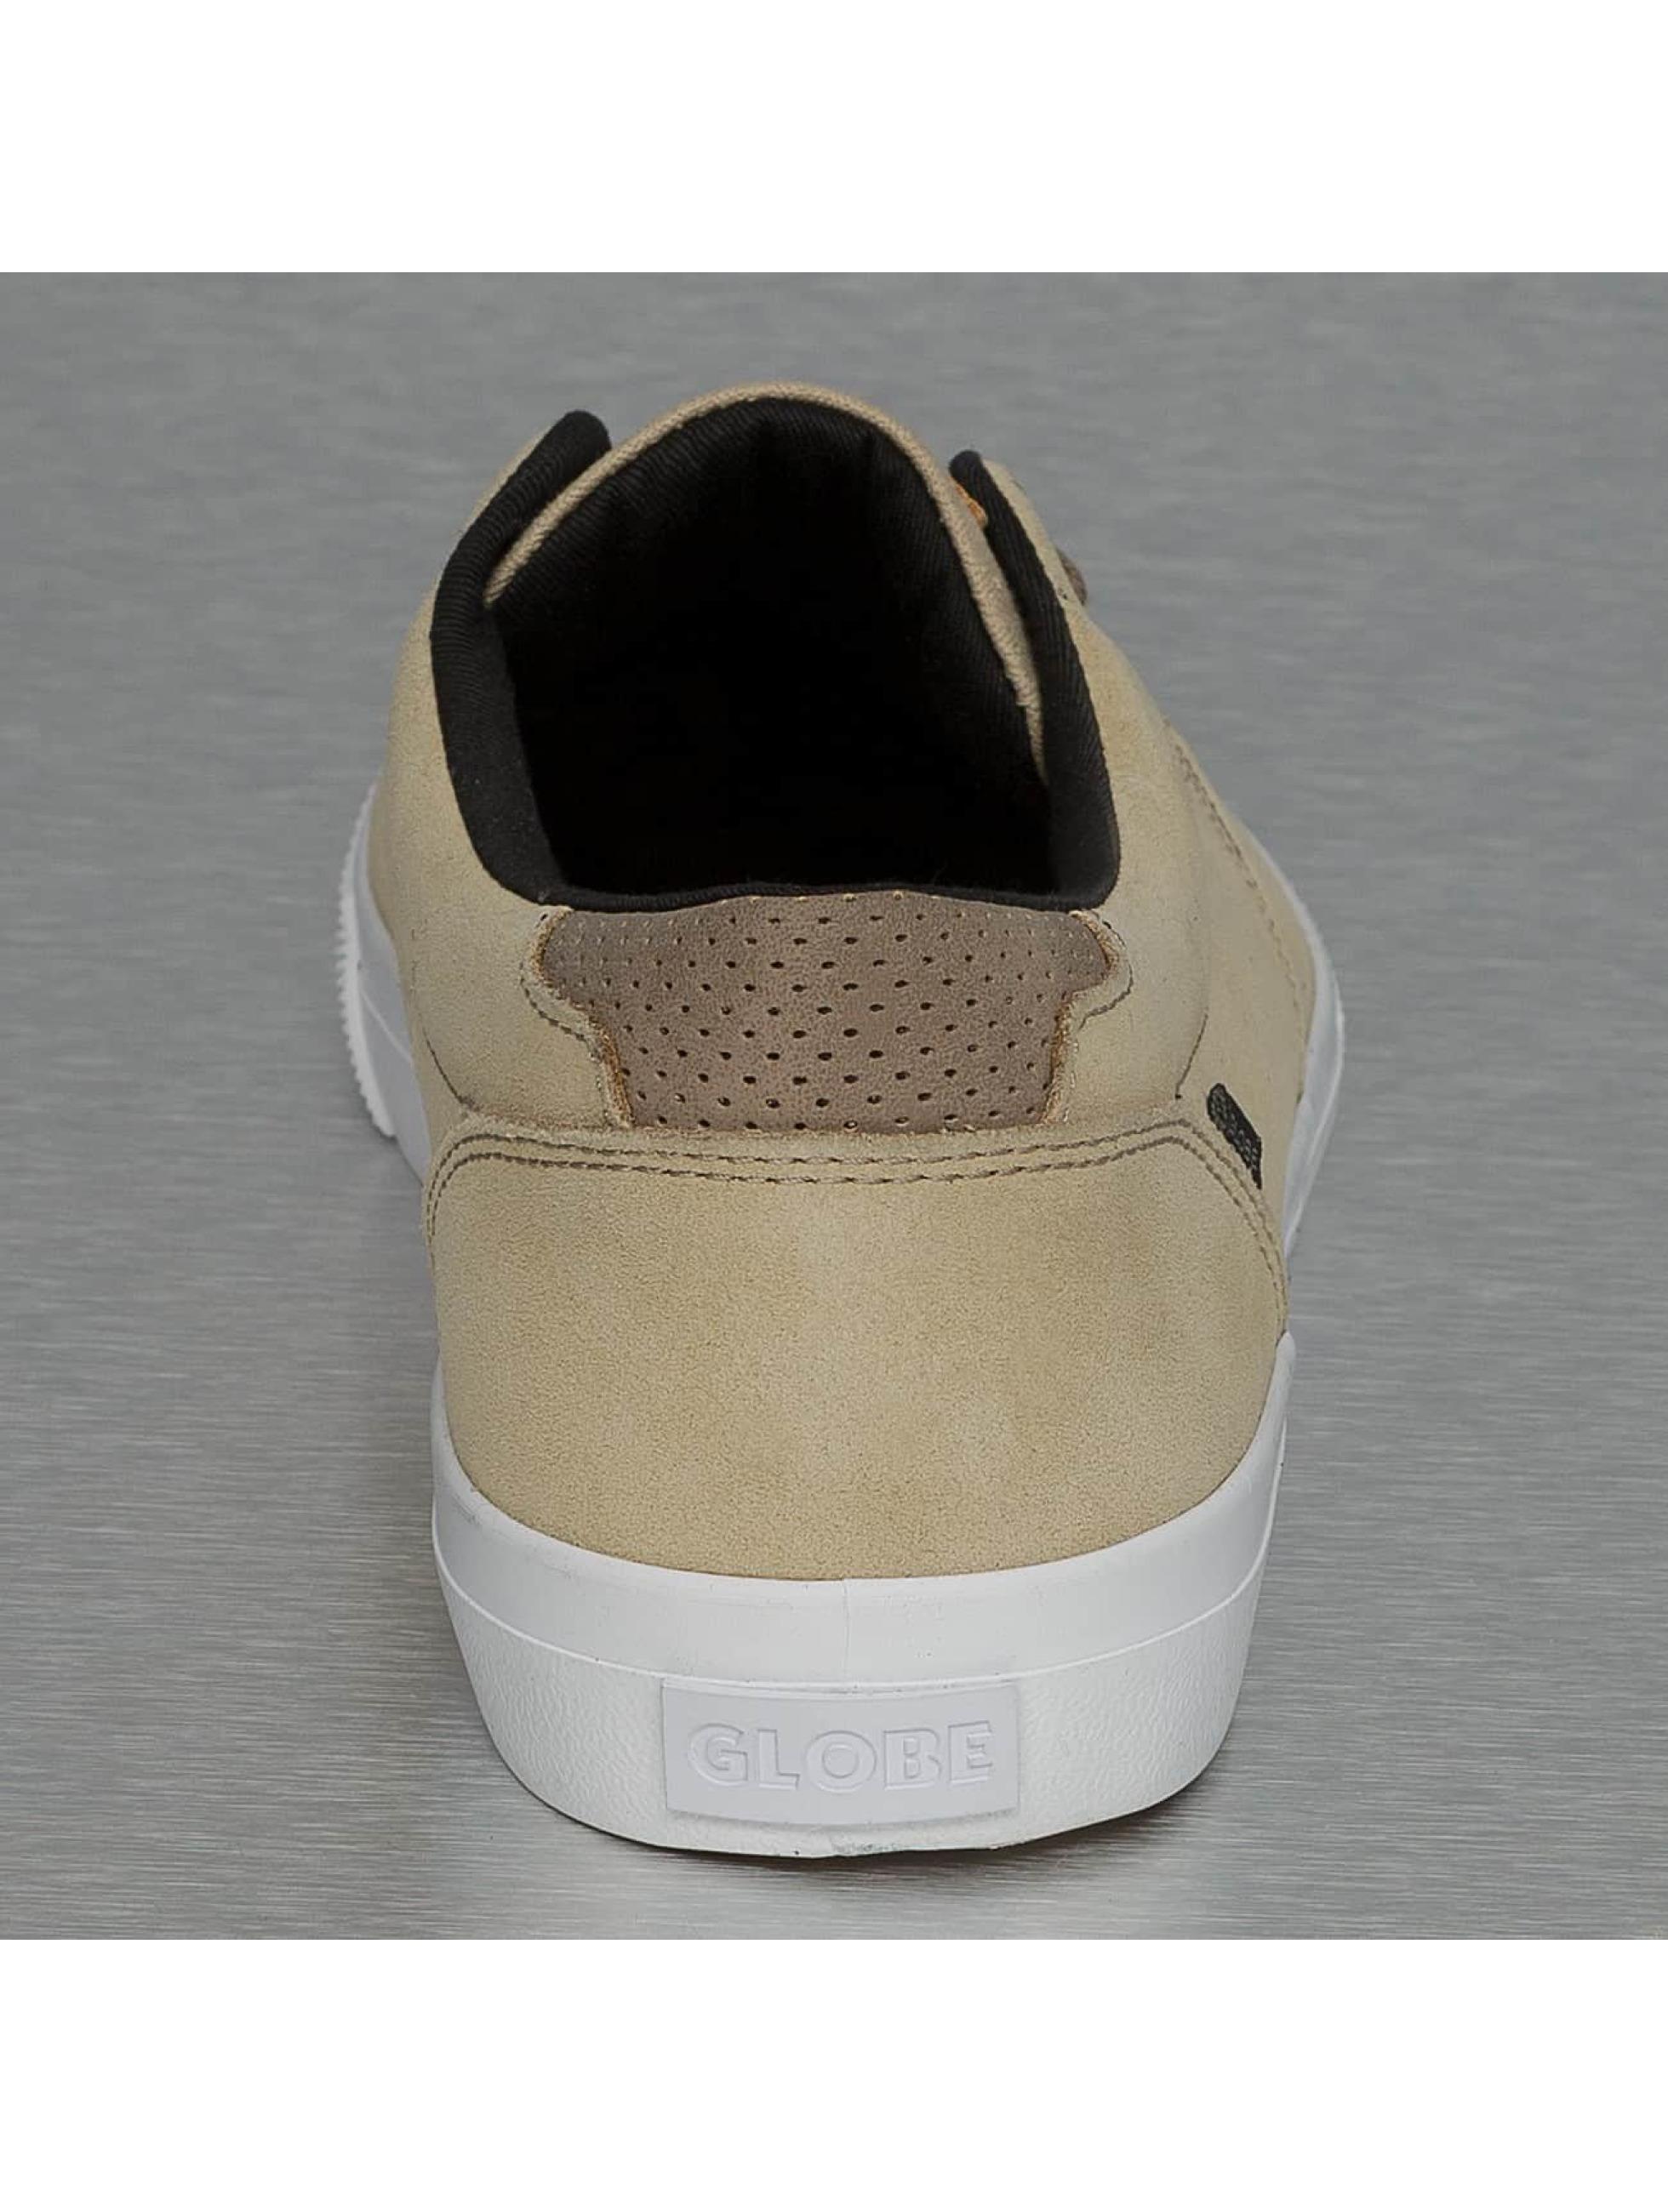 Globe sneaker Willow beige